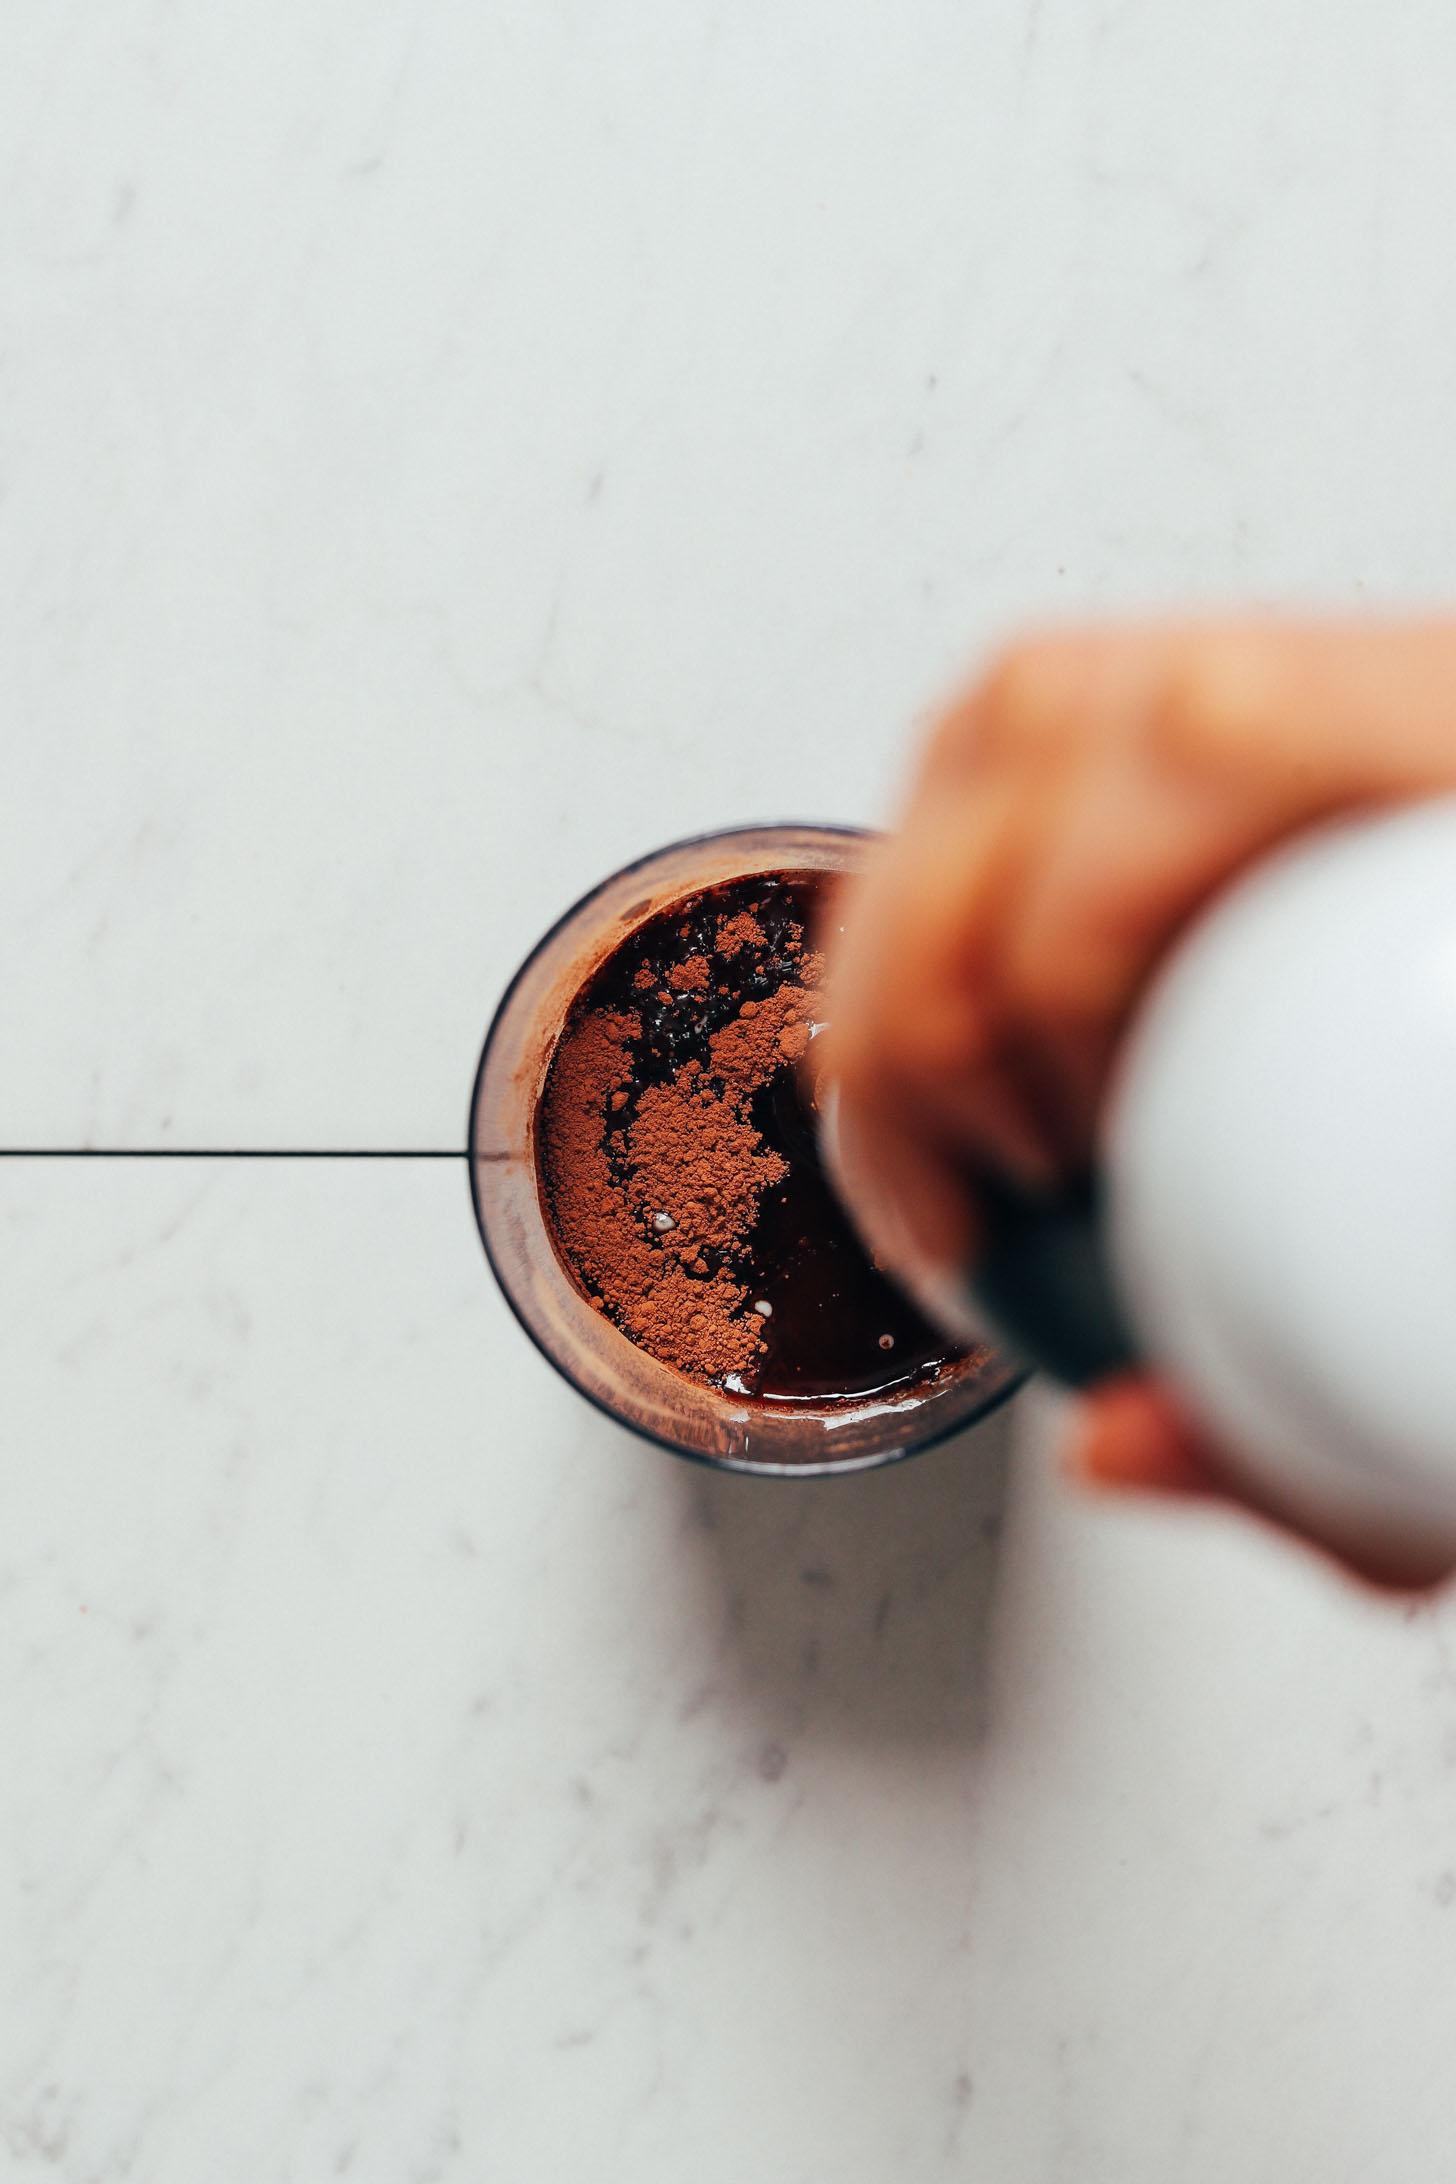 Verwenden Sie einen Stabmixer, um unser Rezept für Easy Vegan Milk Chocolate zu mixen